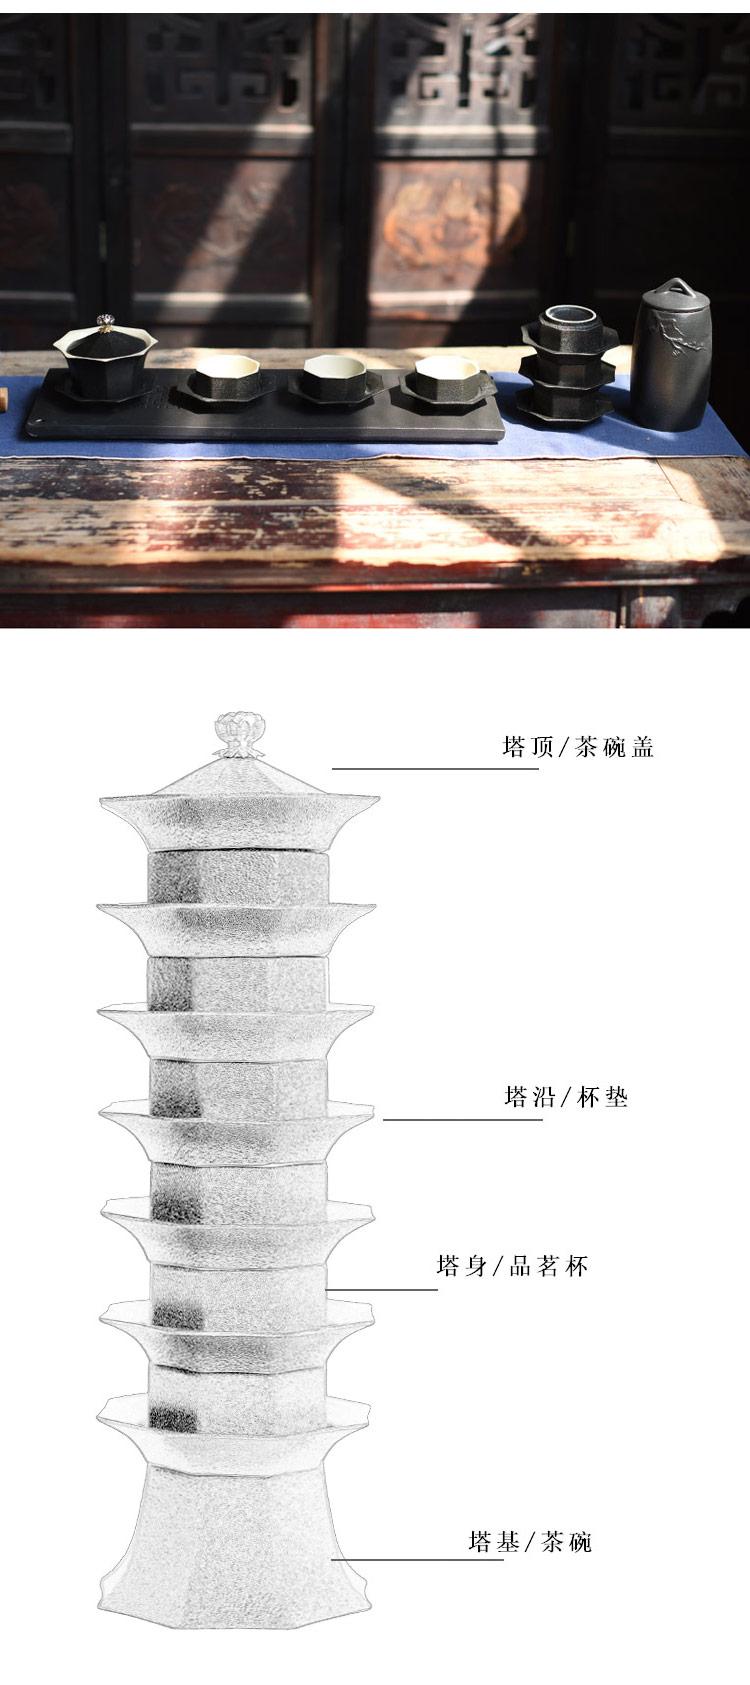 宝塔茶具_11.jpg